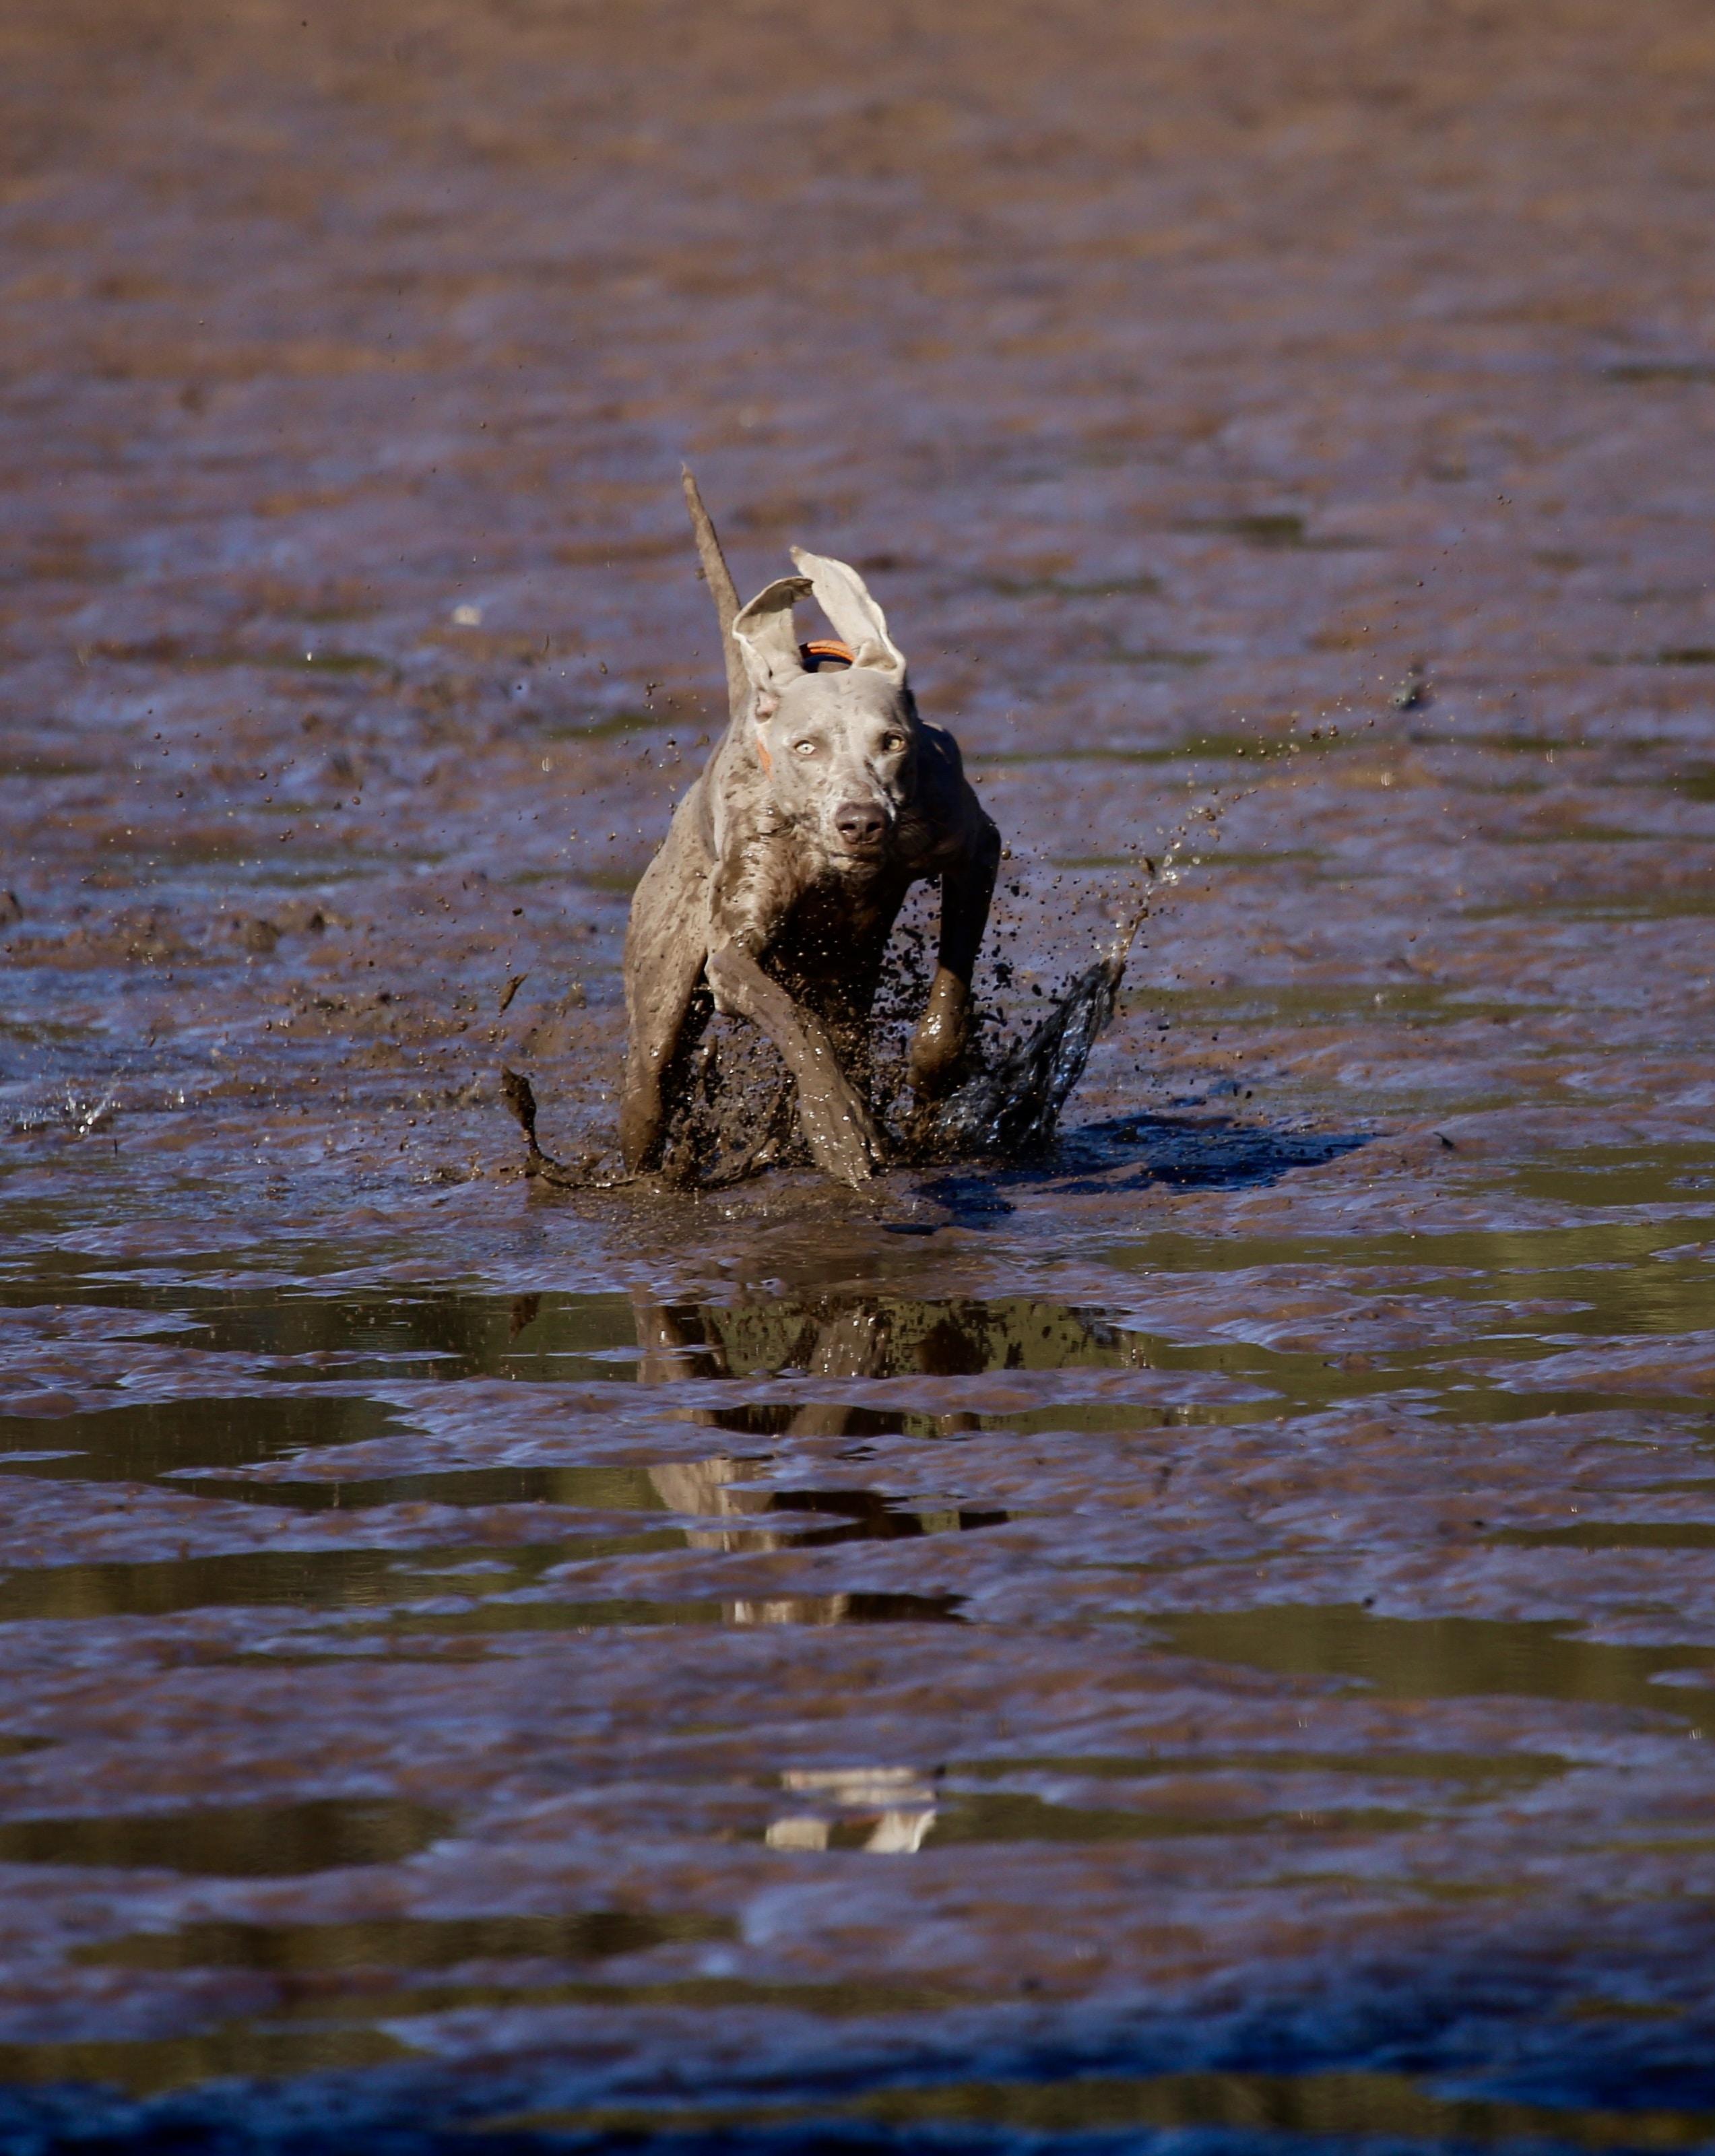 grey dog running on mud during daytime